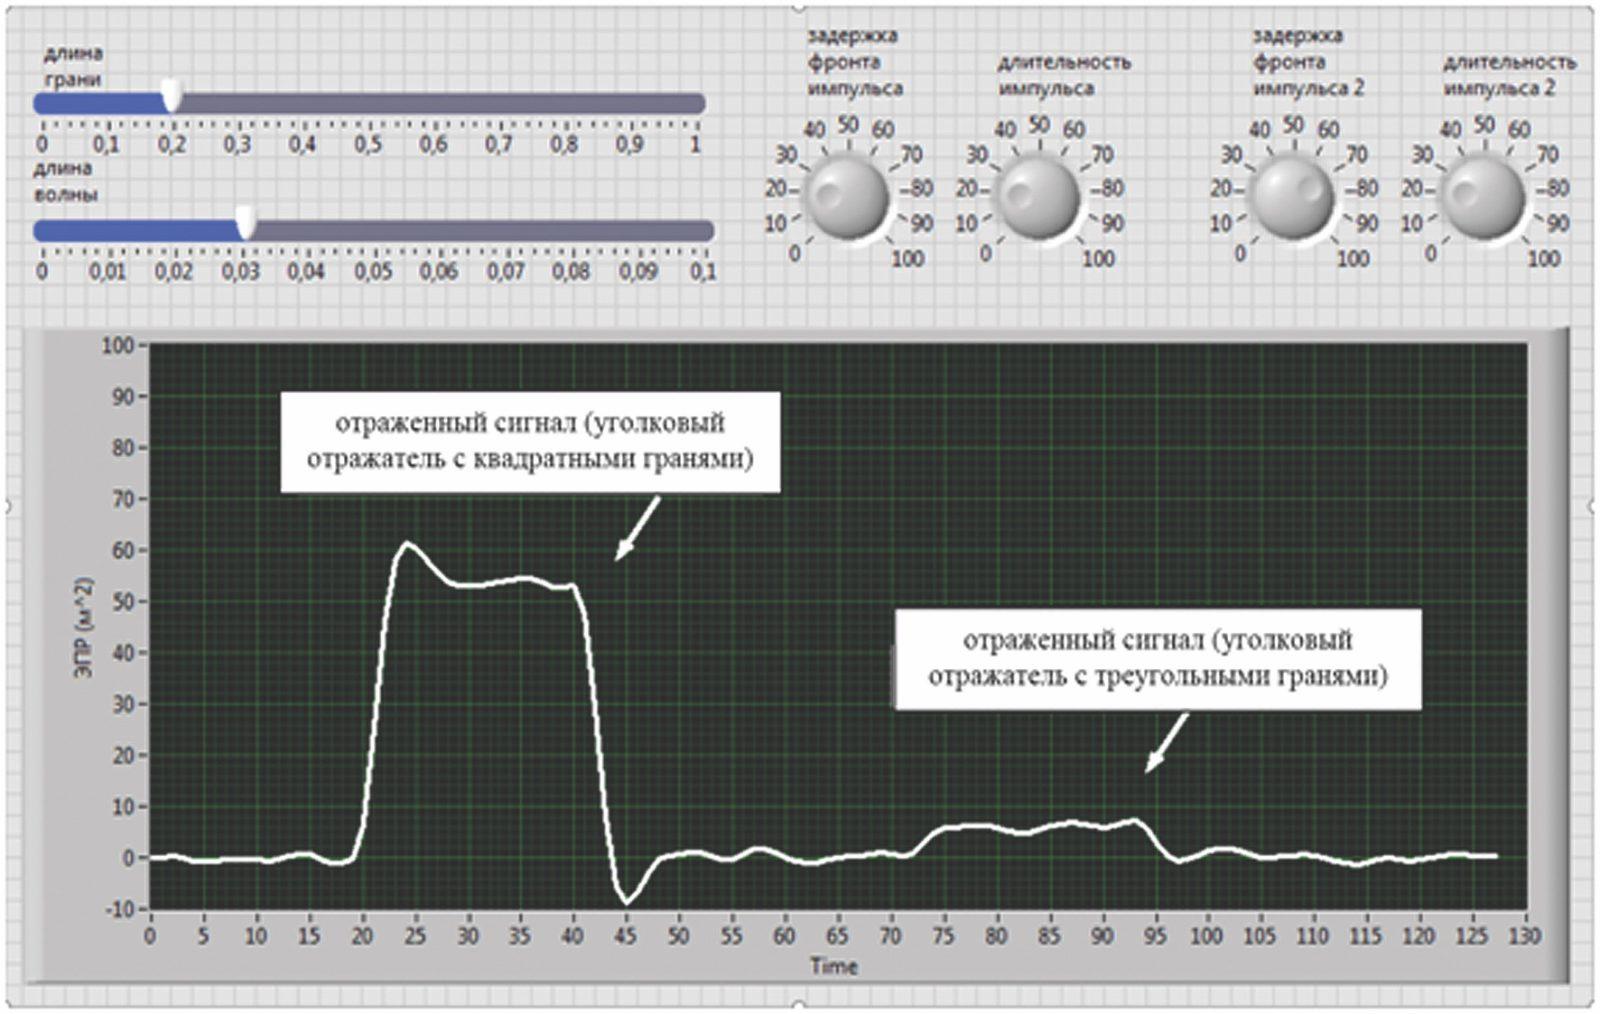 Панель управления виртуальным прибором